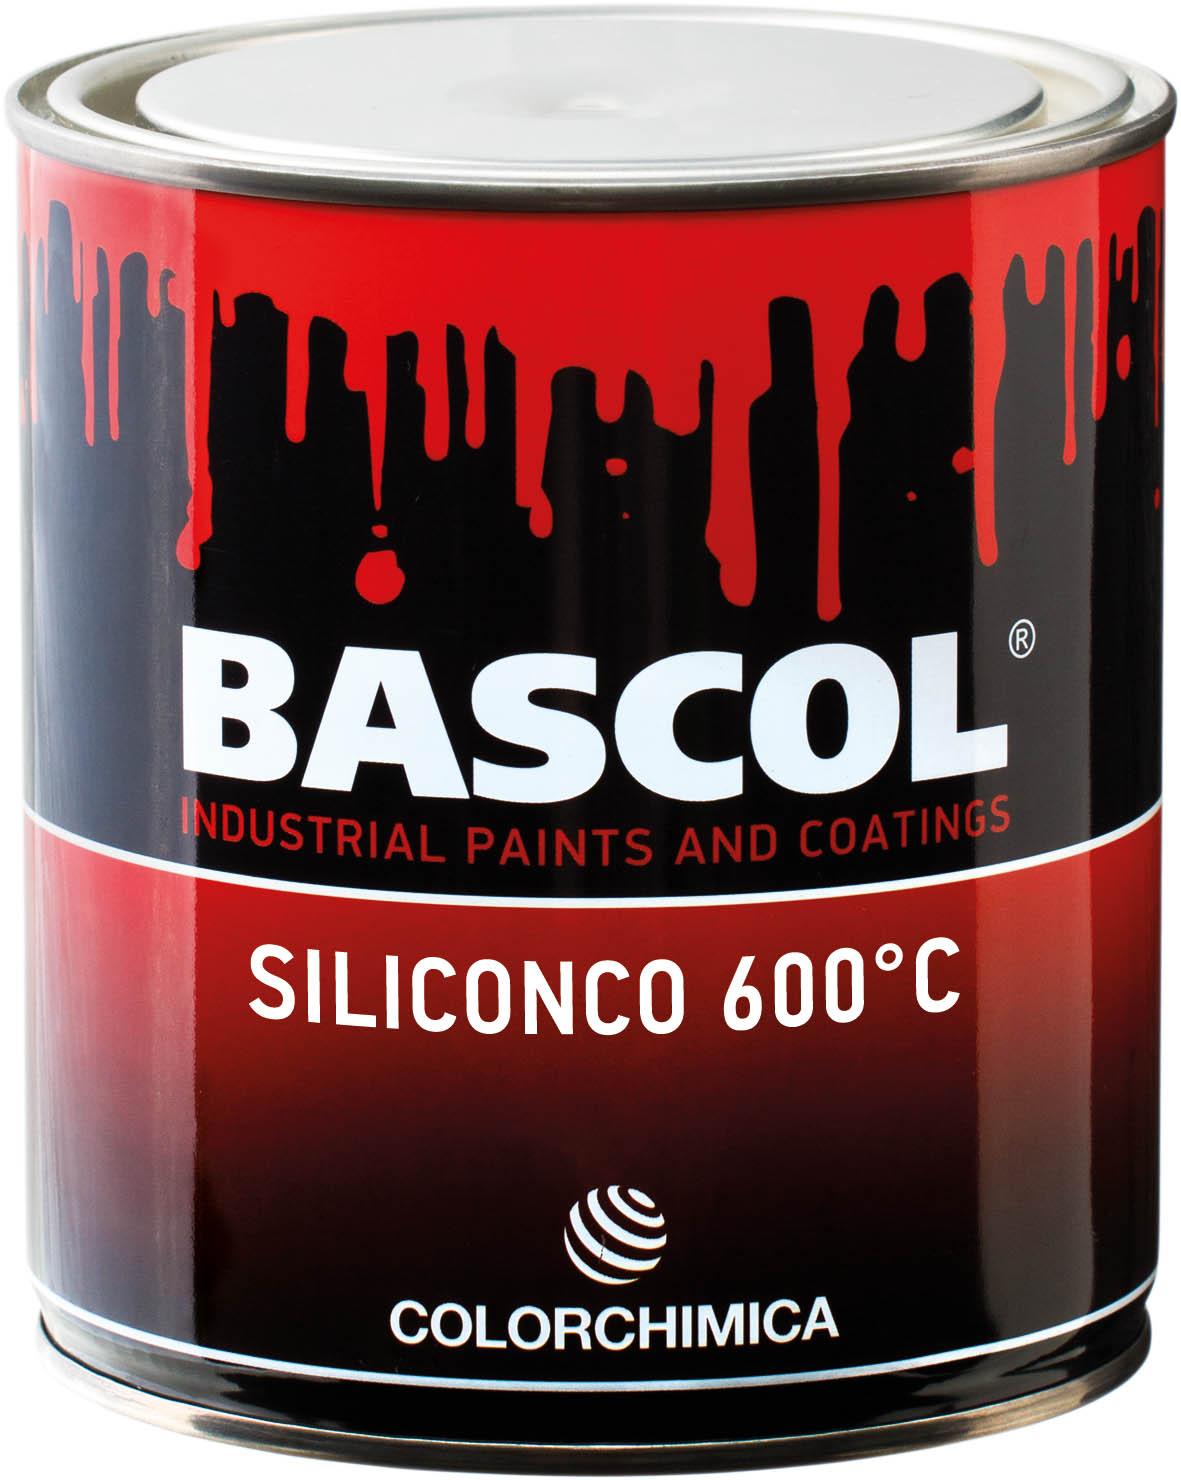 Bascol 0,75 siliconco 600C